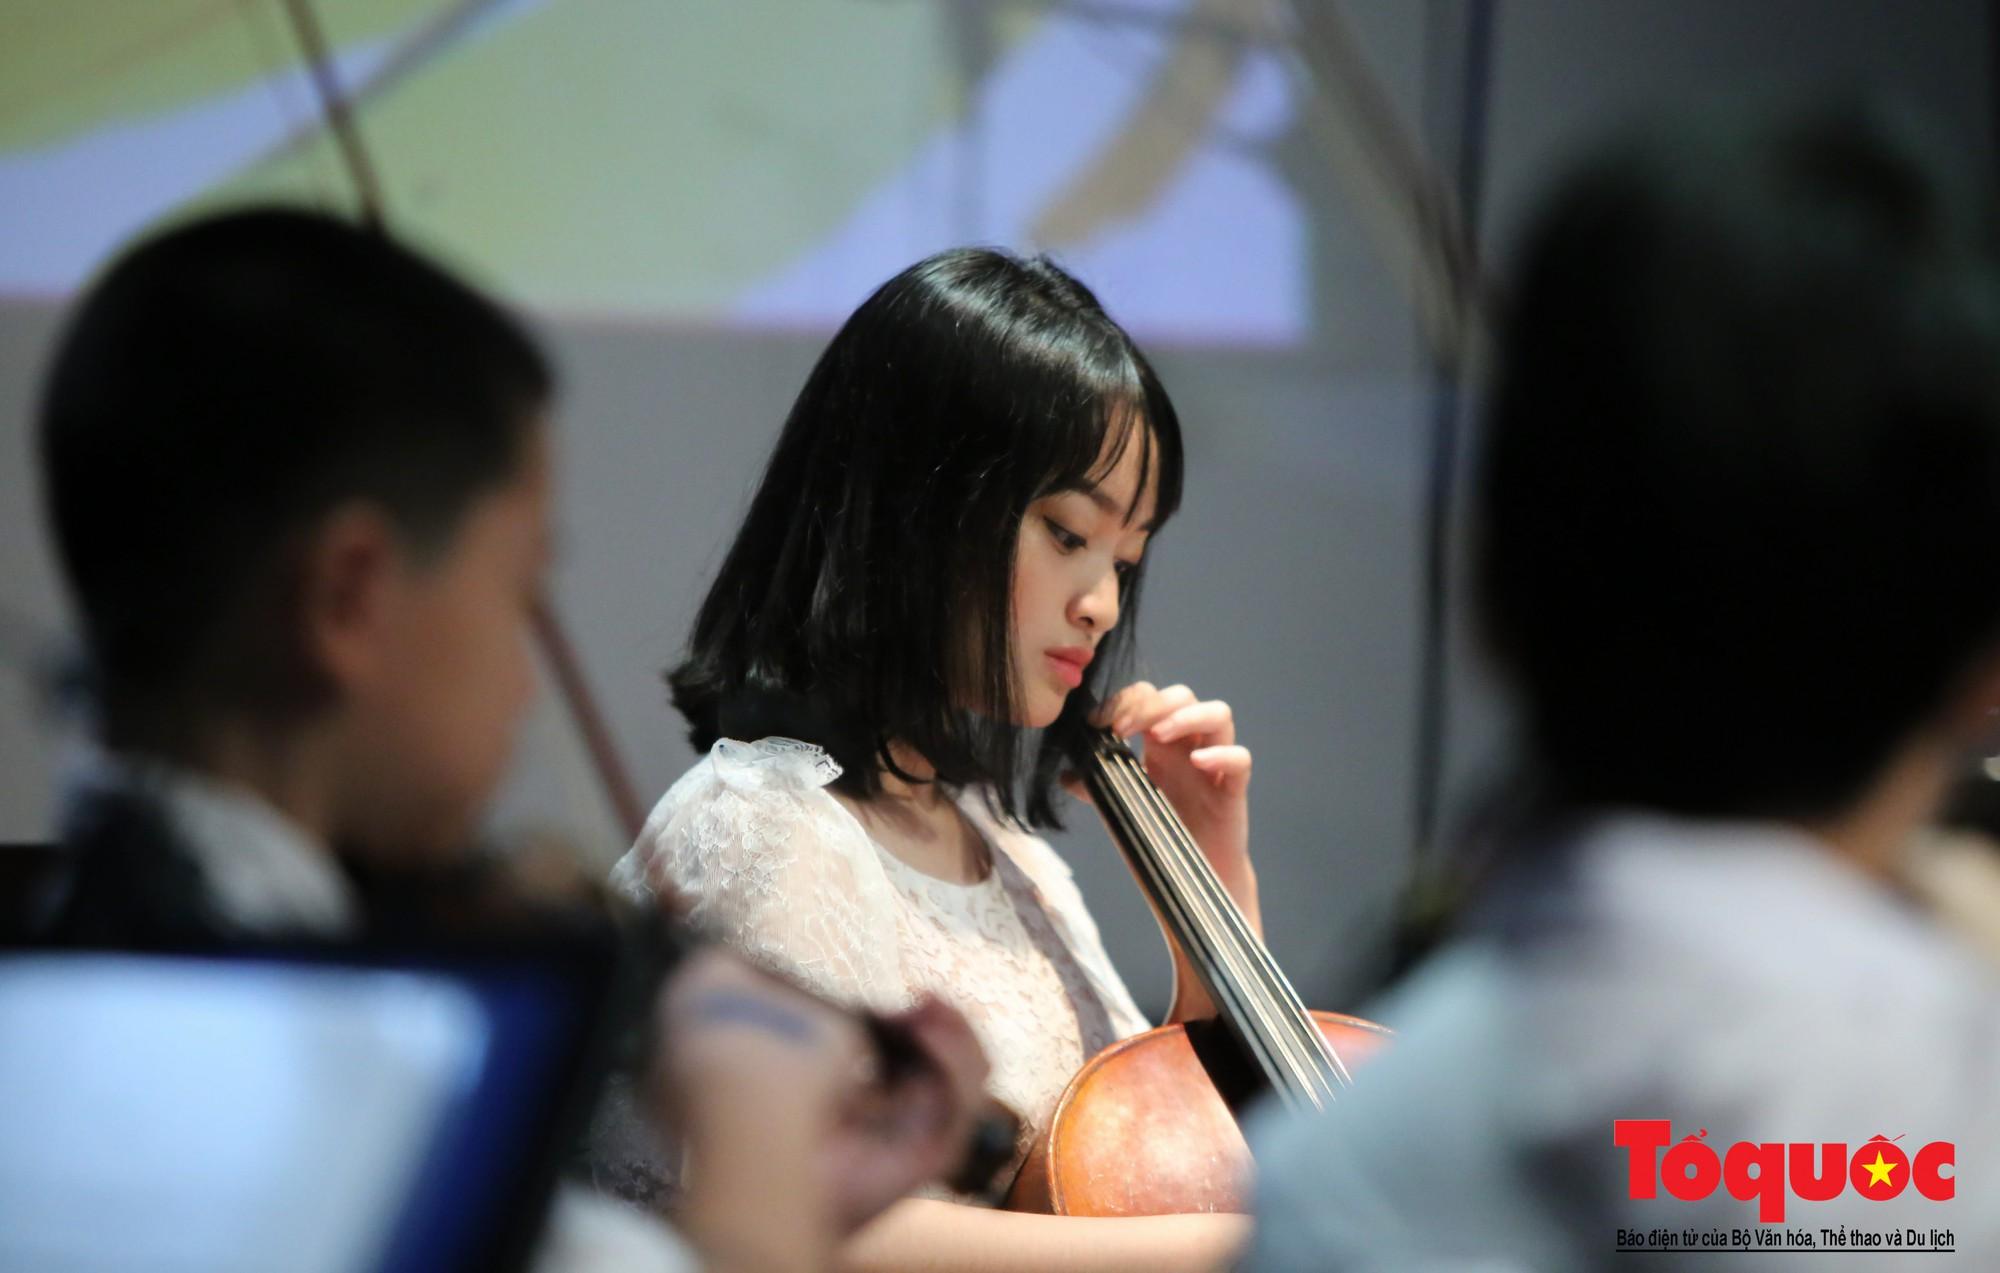 Dàn nhạc giao hưởng nhí đầu tiên của Việt Nam biểu diễn gây quỹ từ thiện (9)